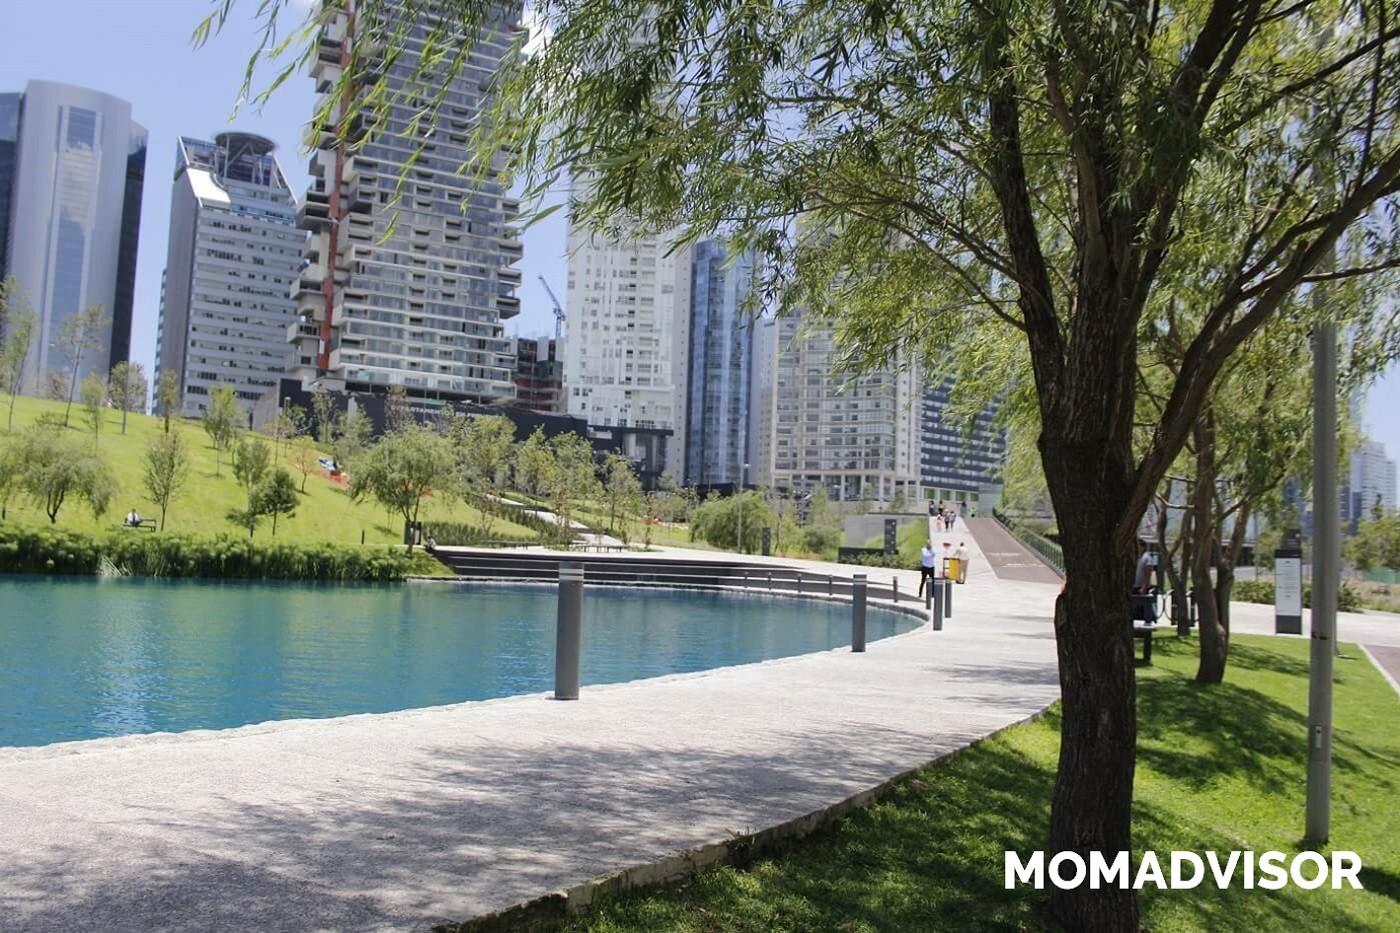 parque-la-mexicana-3-momadvisor-logo